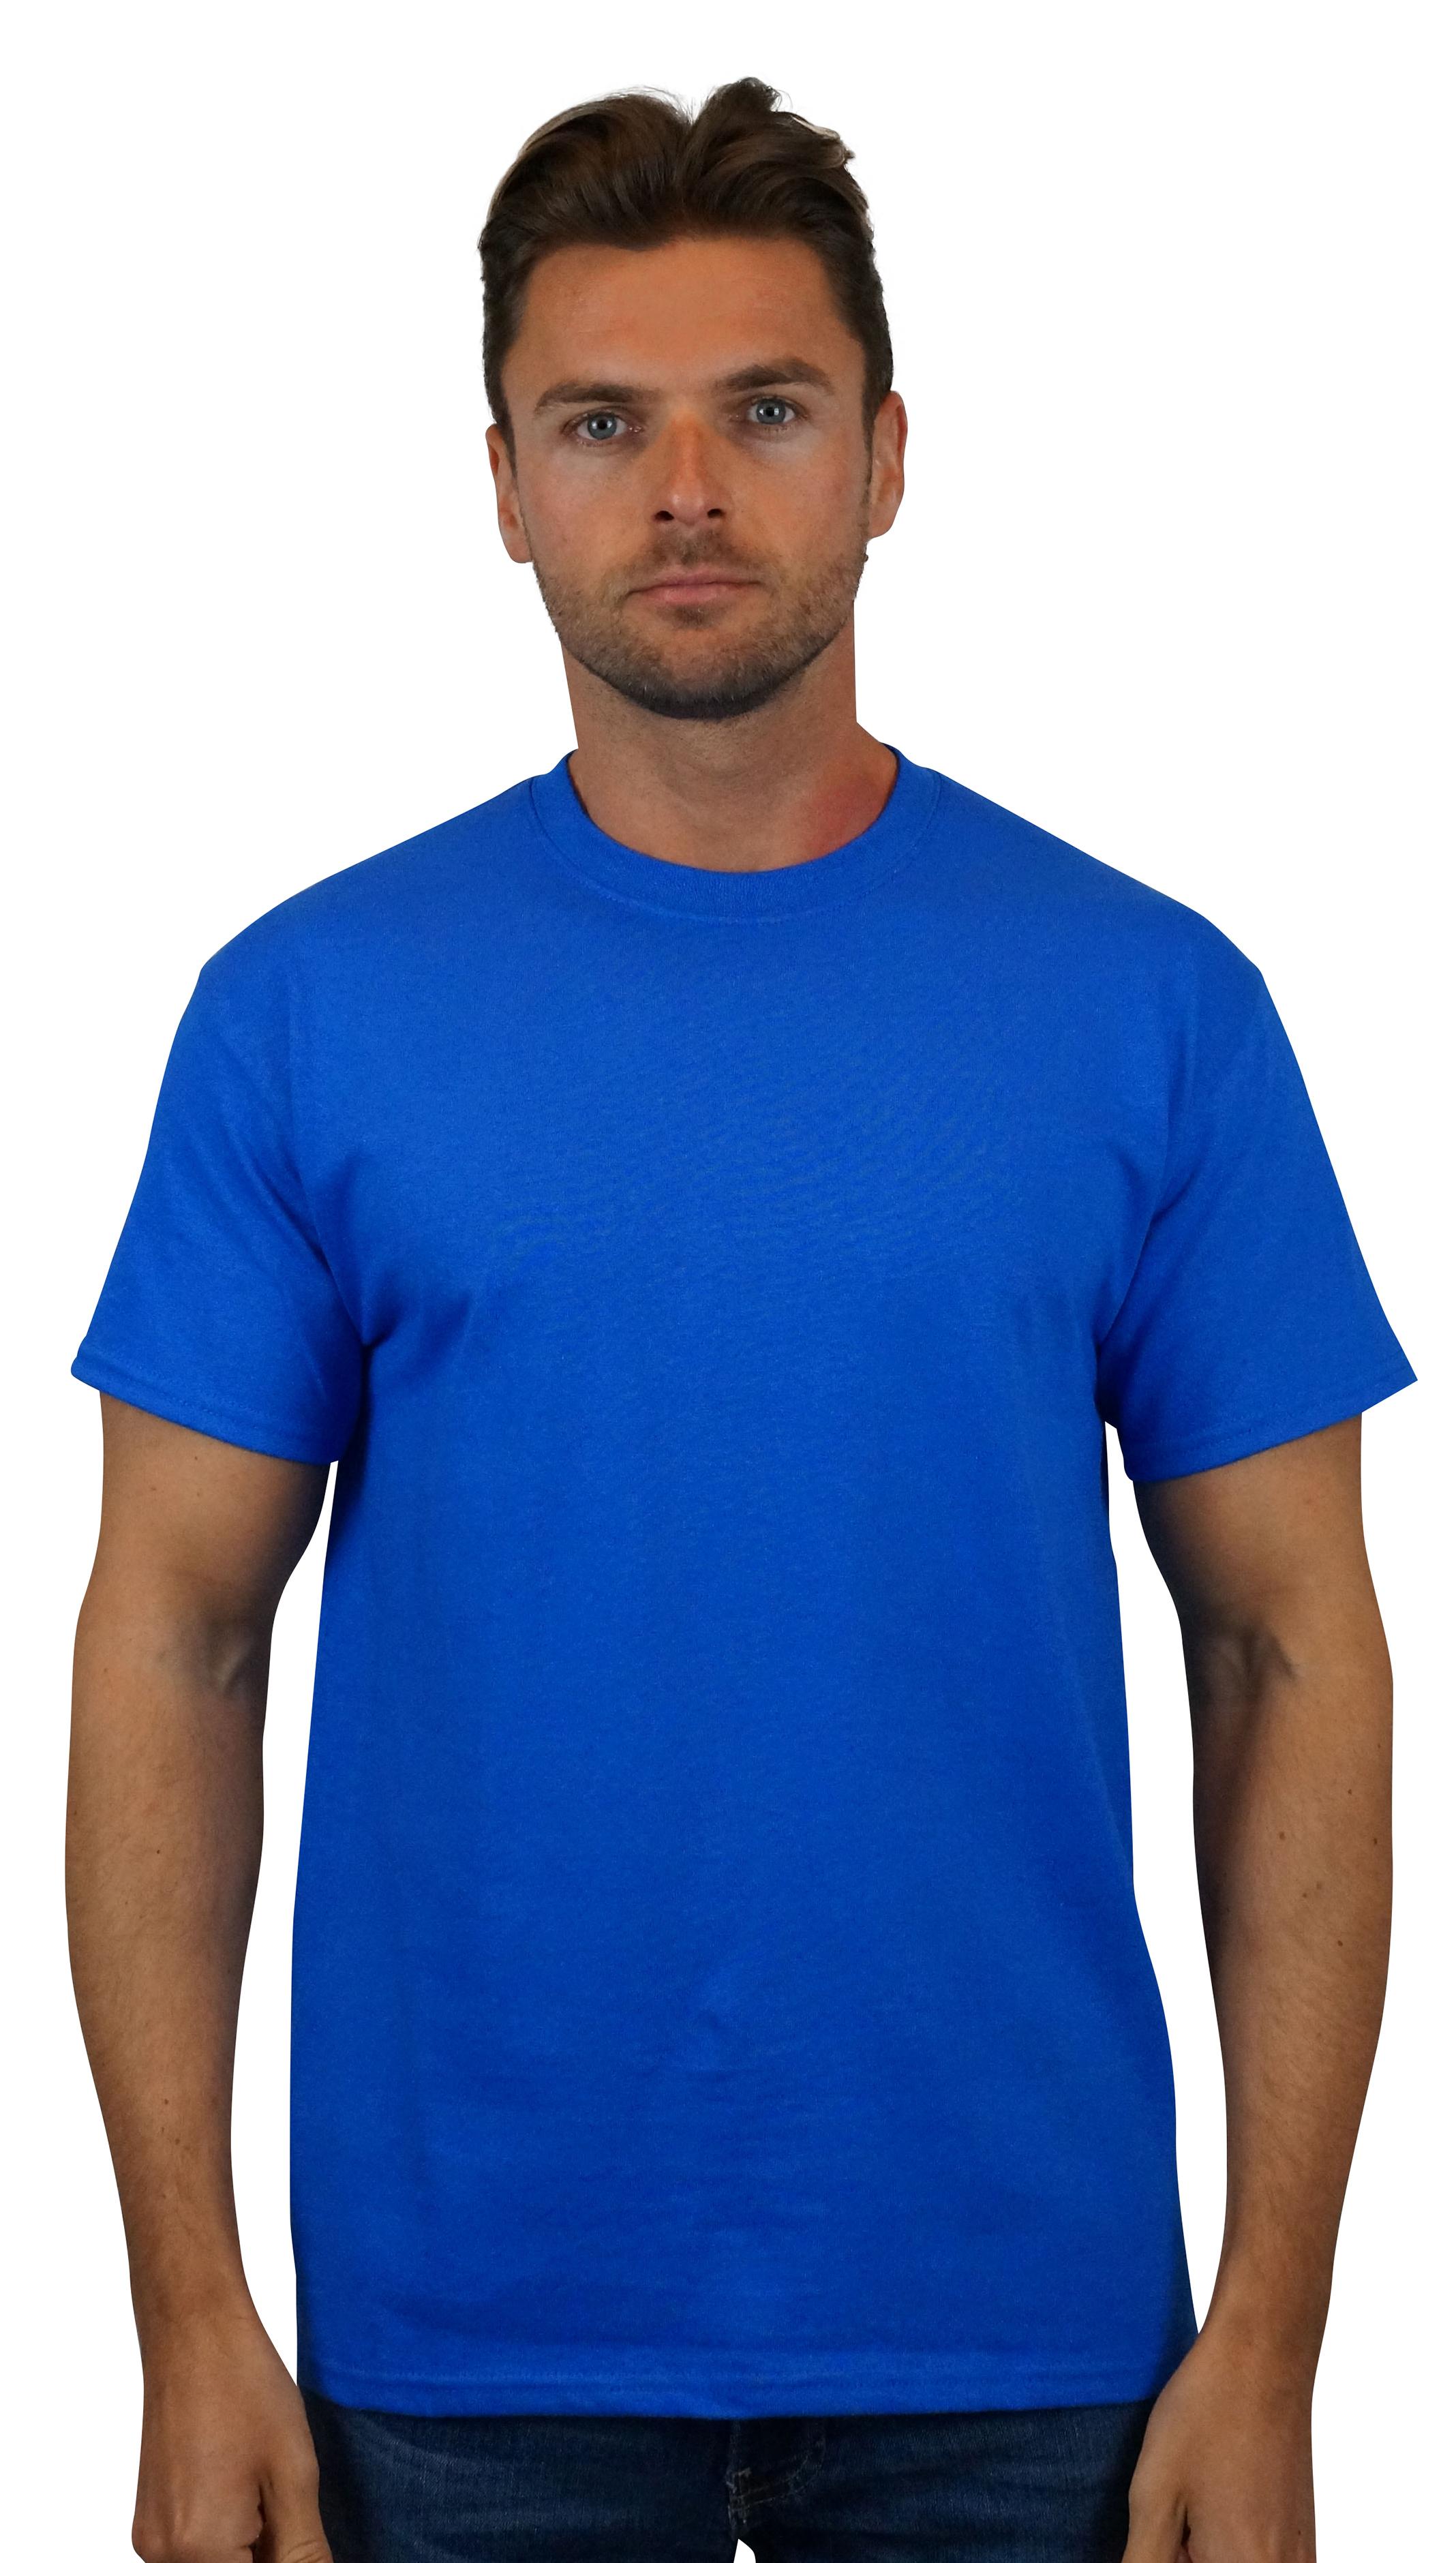 2000 Indigo Blue Gildan Ultra Cotton 100/% Cotton T-Shirt